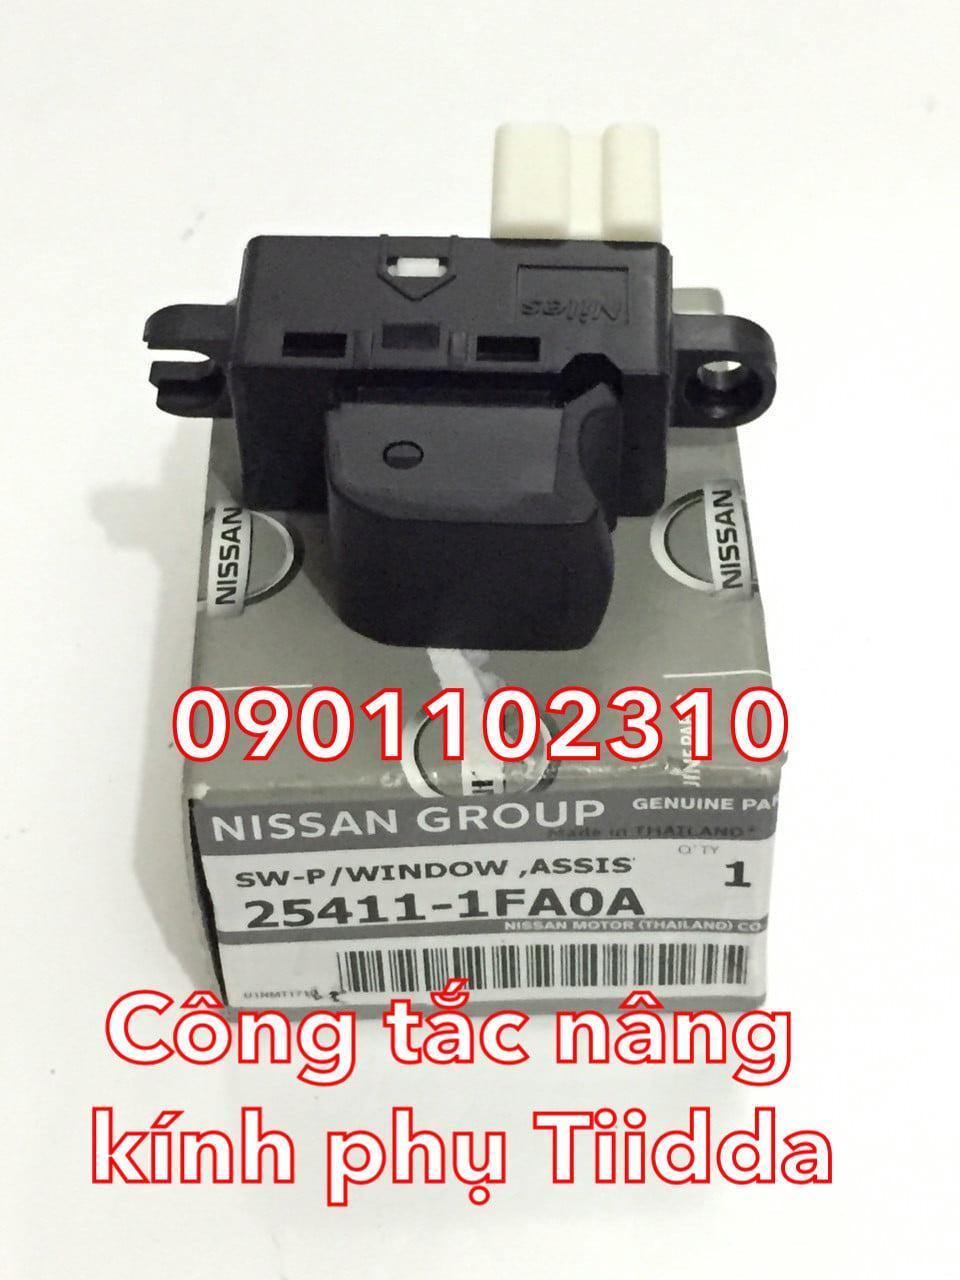 Công tắc nâng kính phụ Nissan Tiida C11 254111FA0A